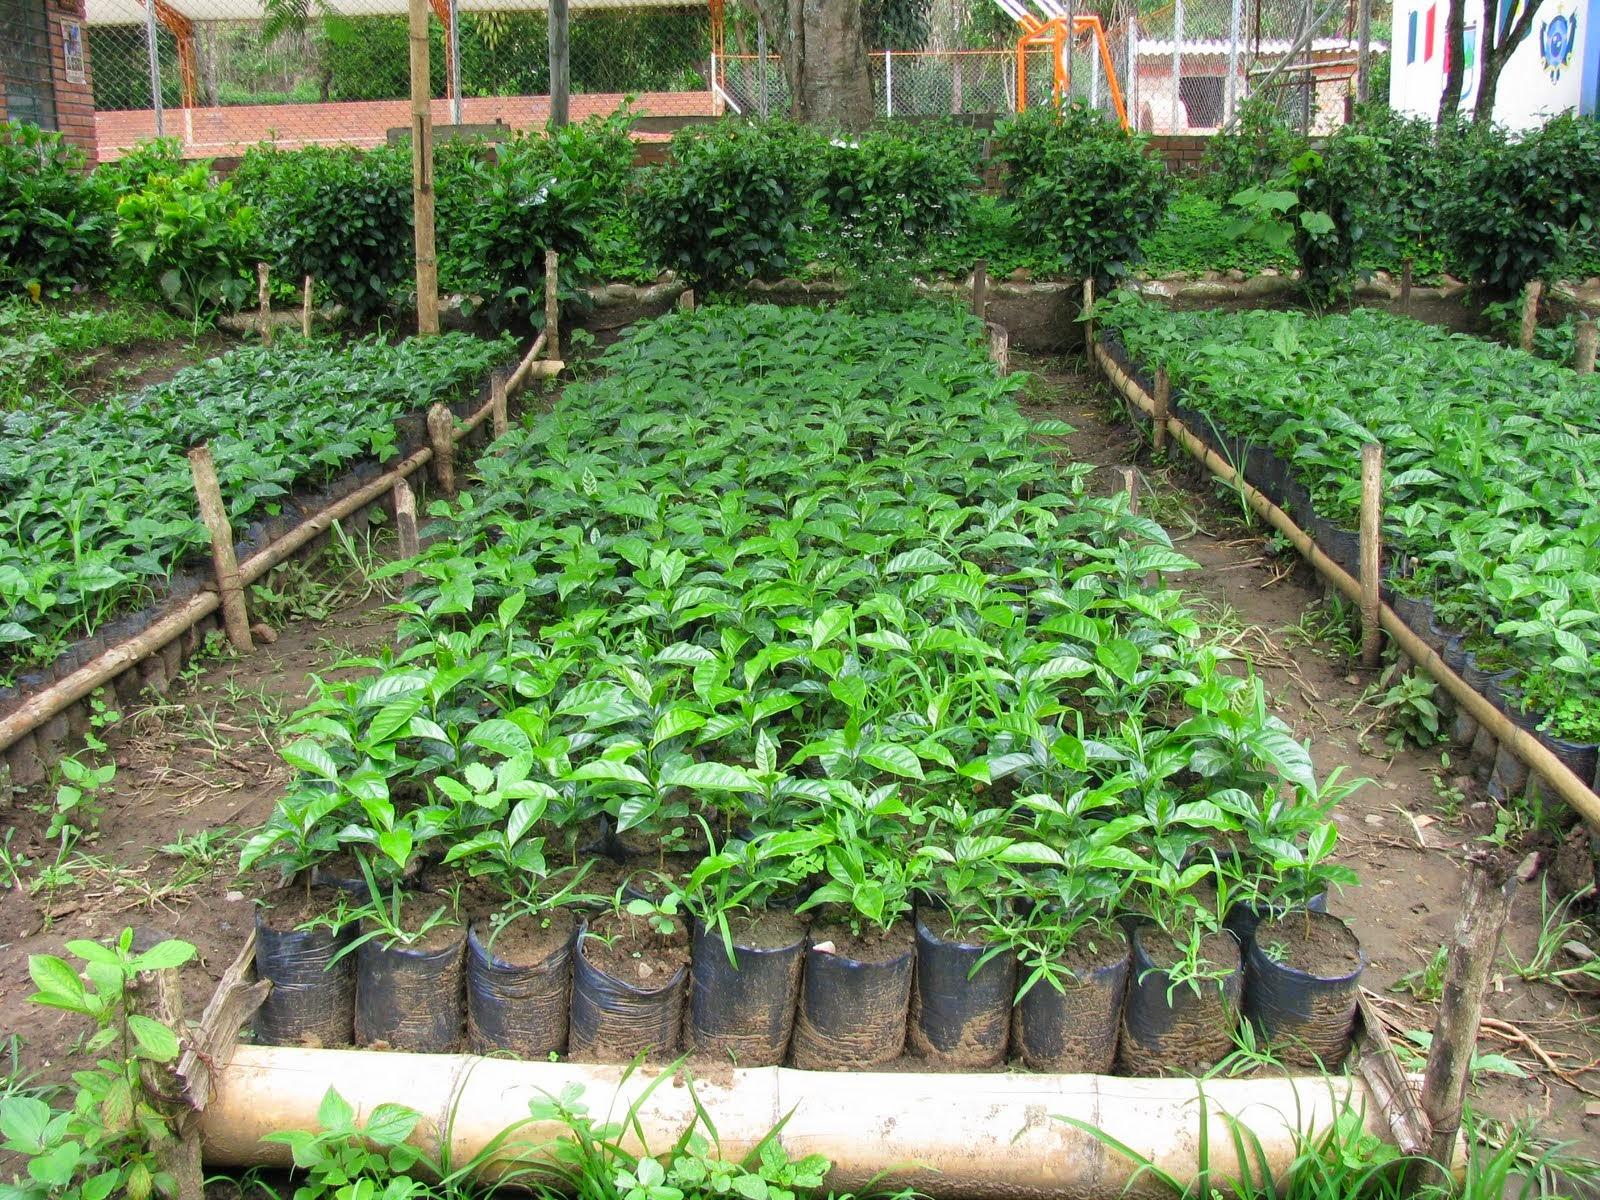 Noticias en linea de tabasco 07 26 14 for Plantas que hay en un vivero